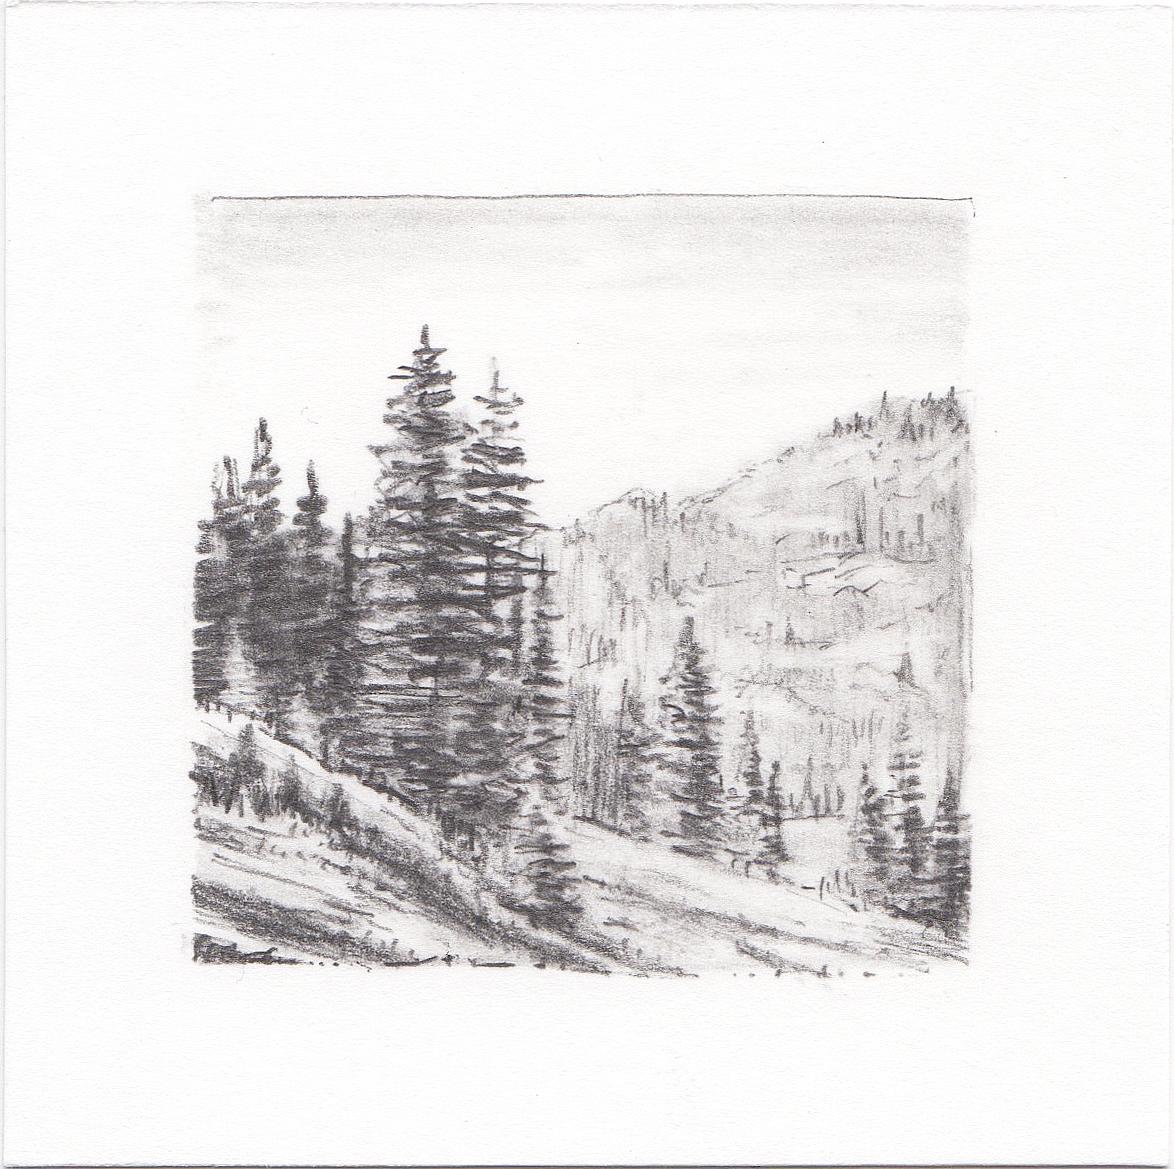 #33 Desolation Lake, Wasatch Mountains, Utah | 3x3 | graphite